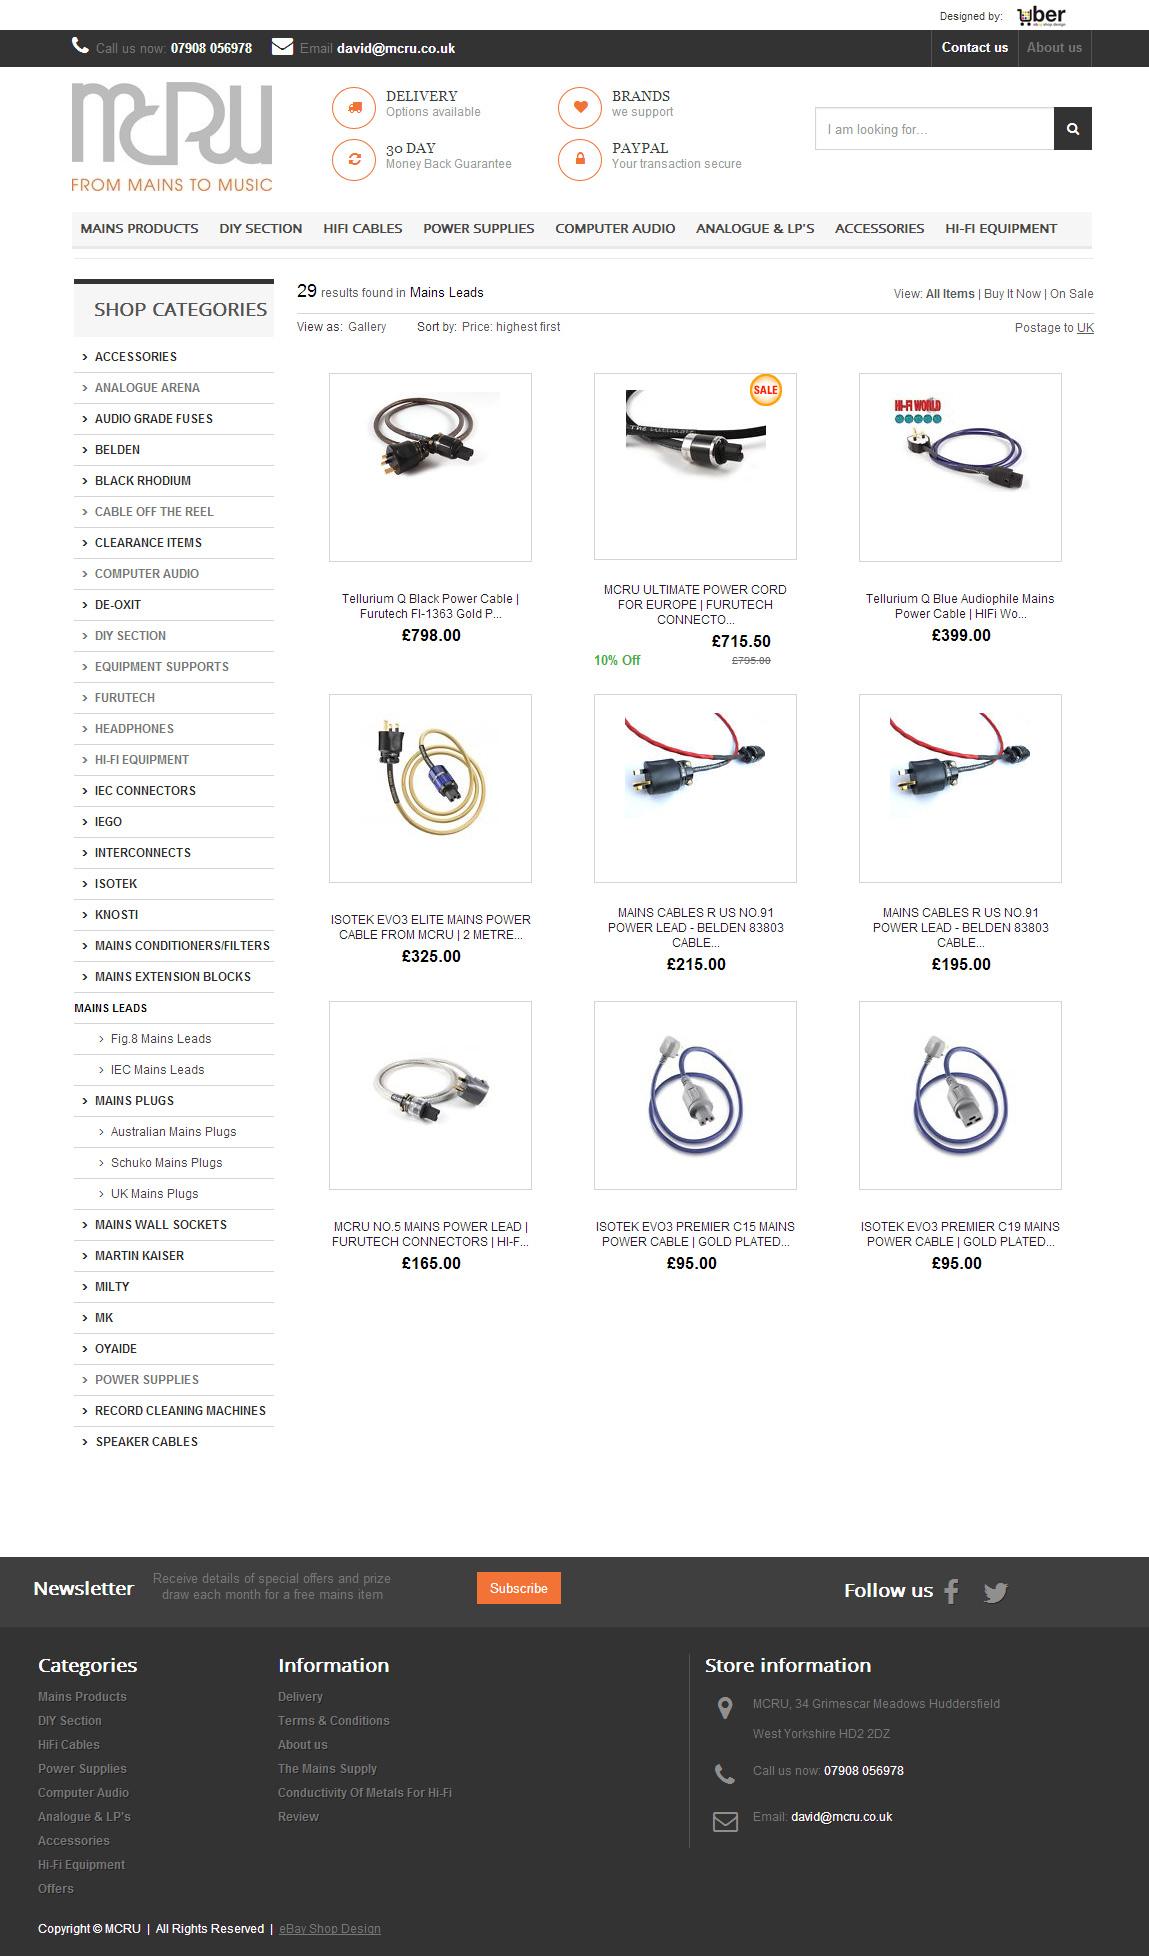 MCRU ebay shop design 2014